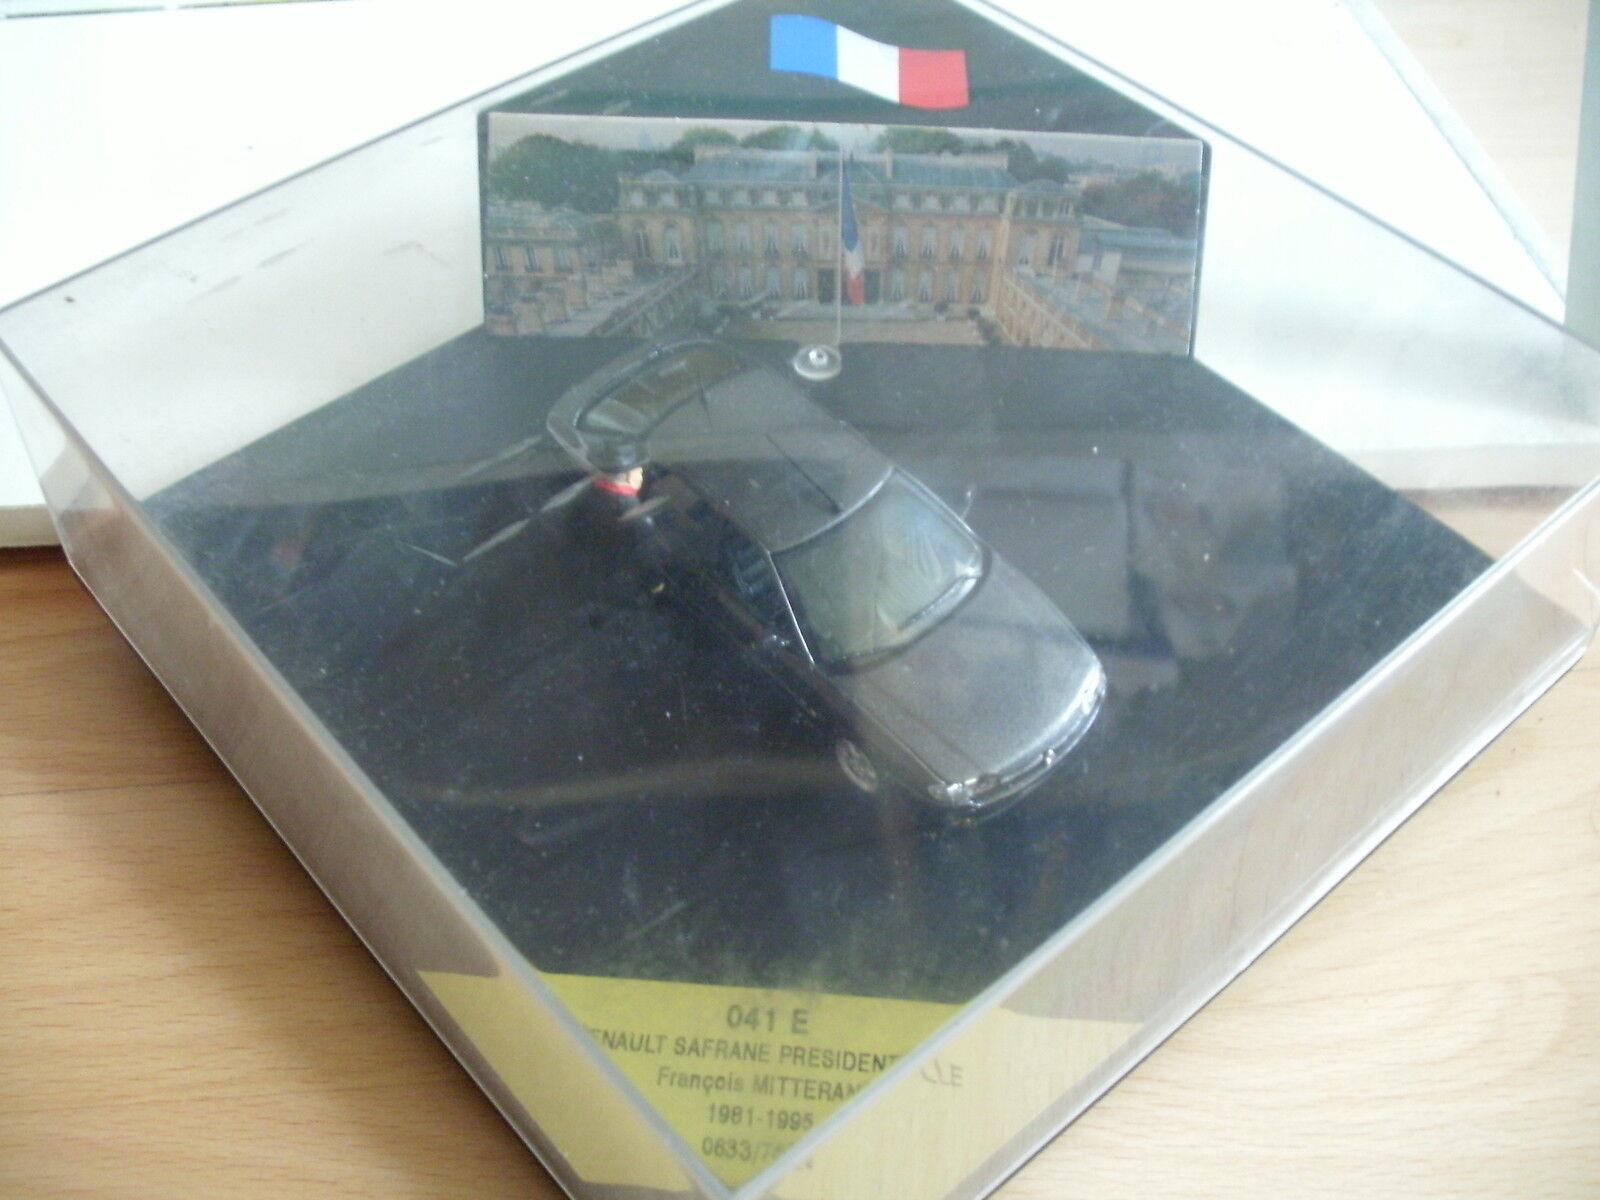 Vitesse Renault Safrane Presidentielle Francois Mitterand in Grey in dealer box